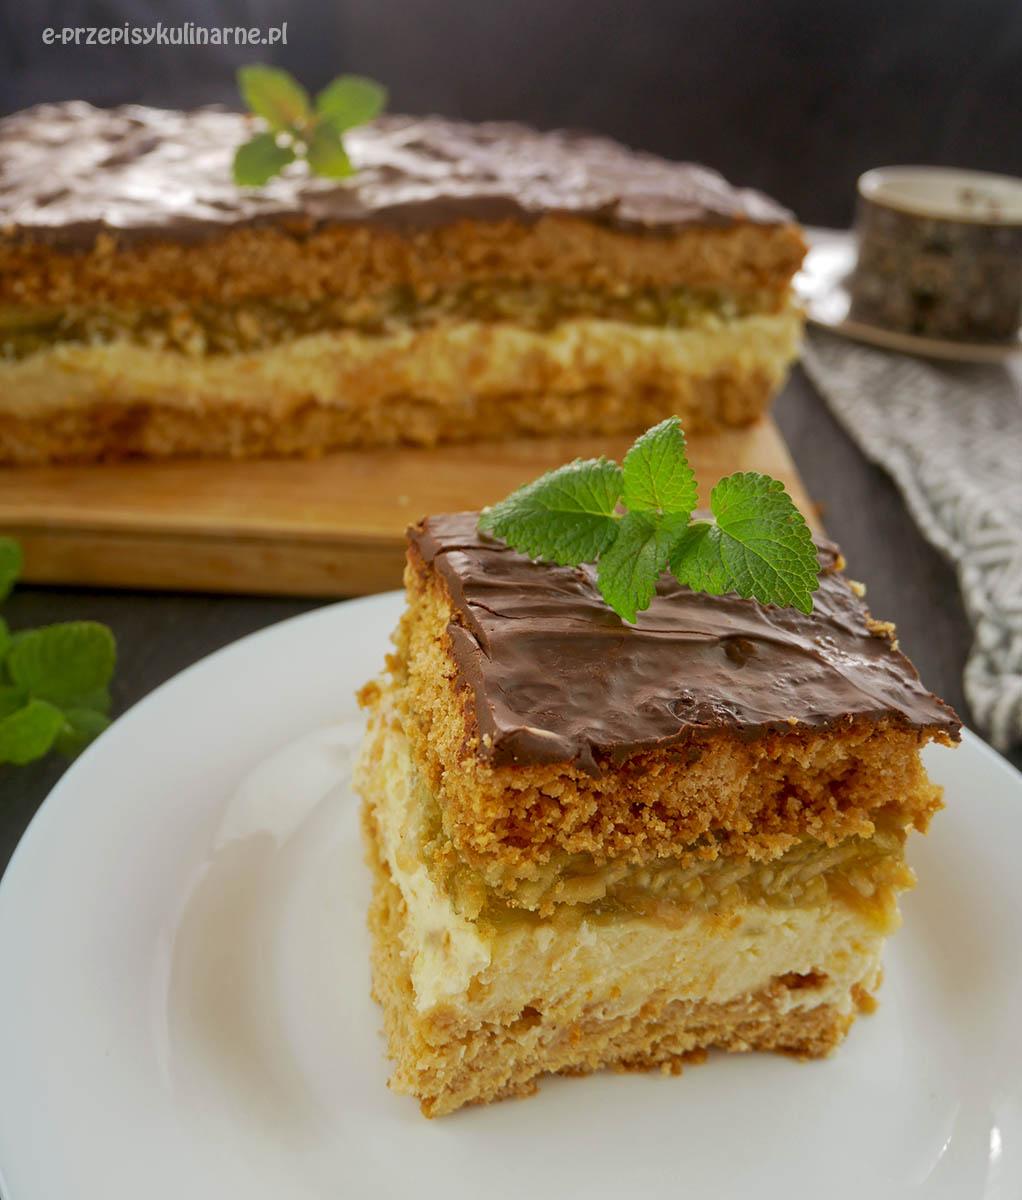 Ciasto Miodowe Lata – miodownik, sernik i szarlotka w jednym